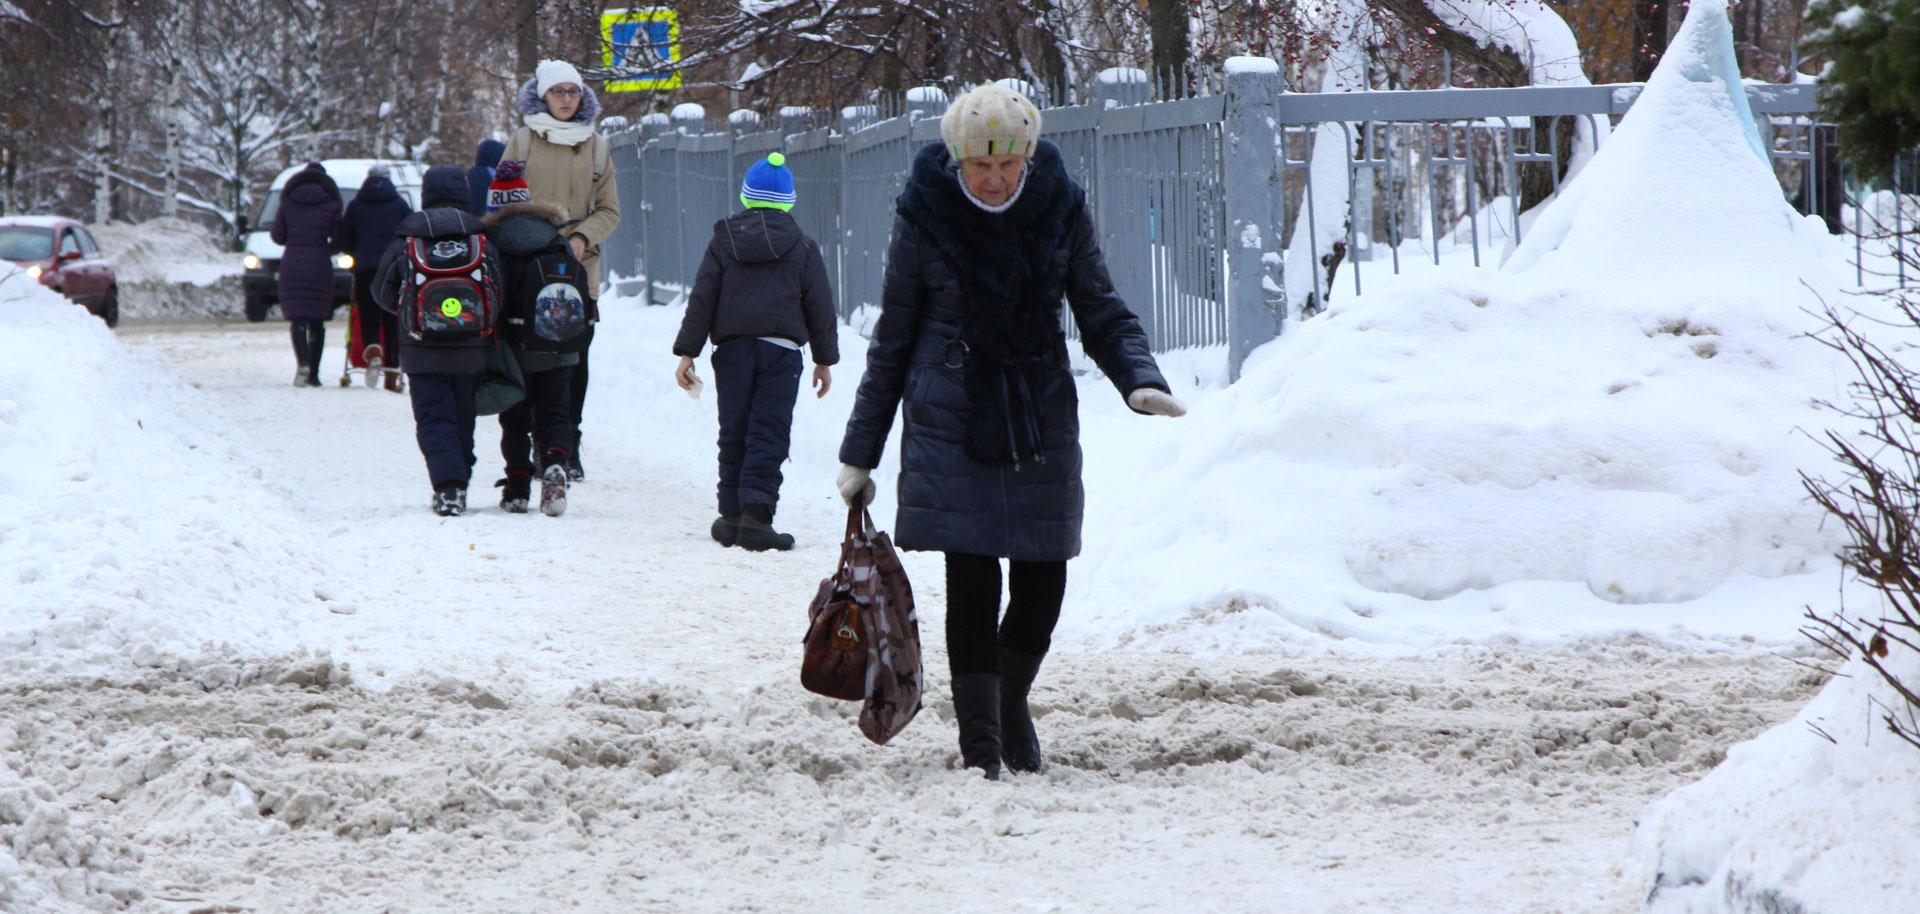 Дзержинского и Коммунаров: на каких еще улицах Ижевска уберут снег 3 января?